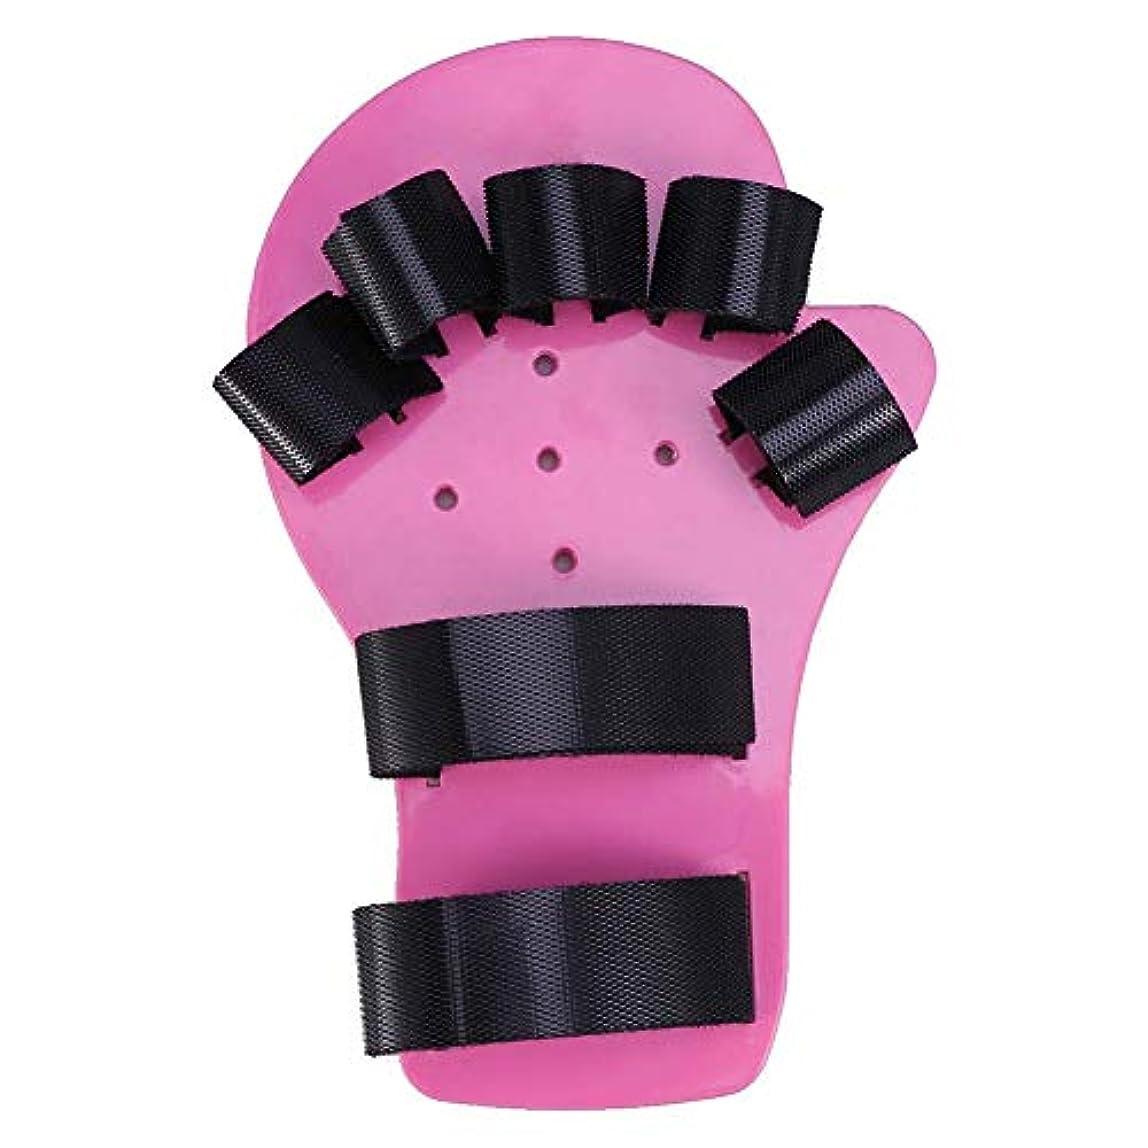 かんがい湖質量指インソールは、指、指スプリント指板指セパレーターポイント、インソールには、手の手首のトレーニング装具デバイスリハビリテーション支援ブレース1-5歳のポイント